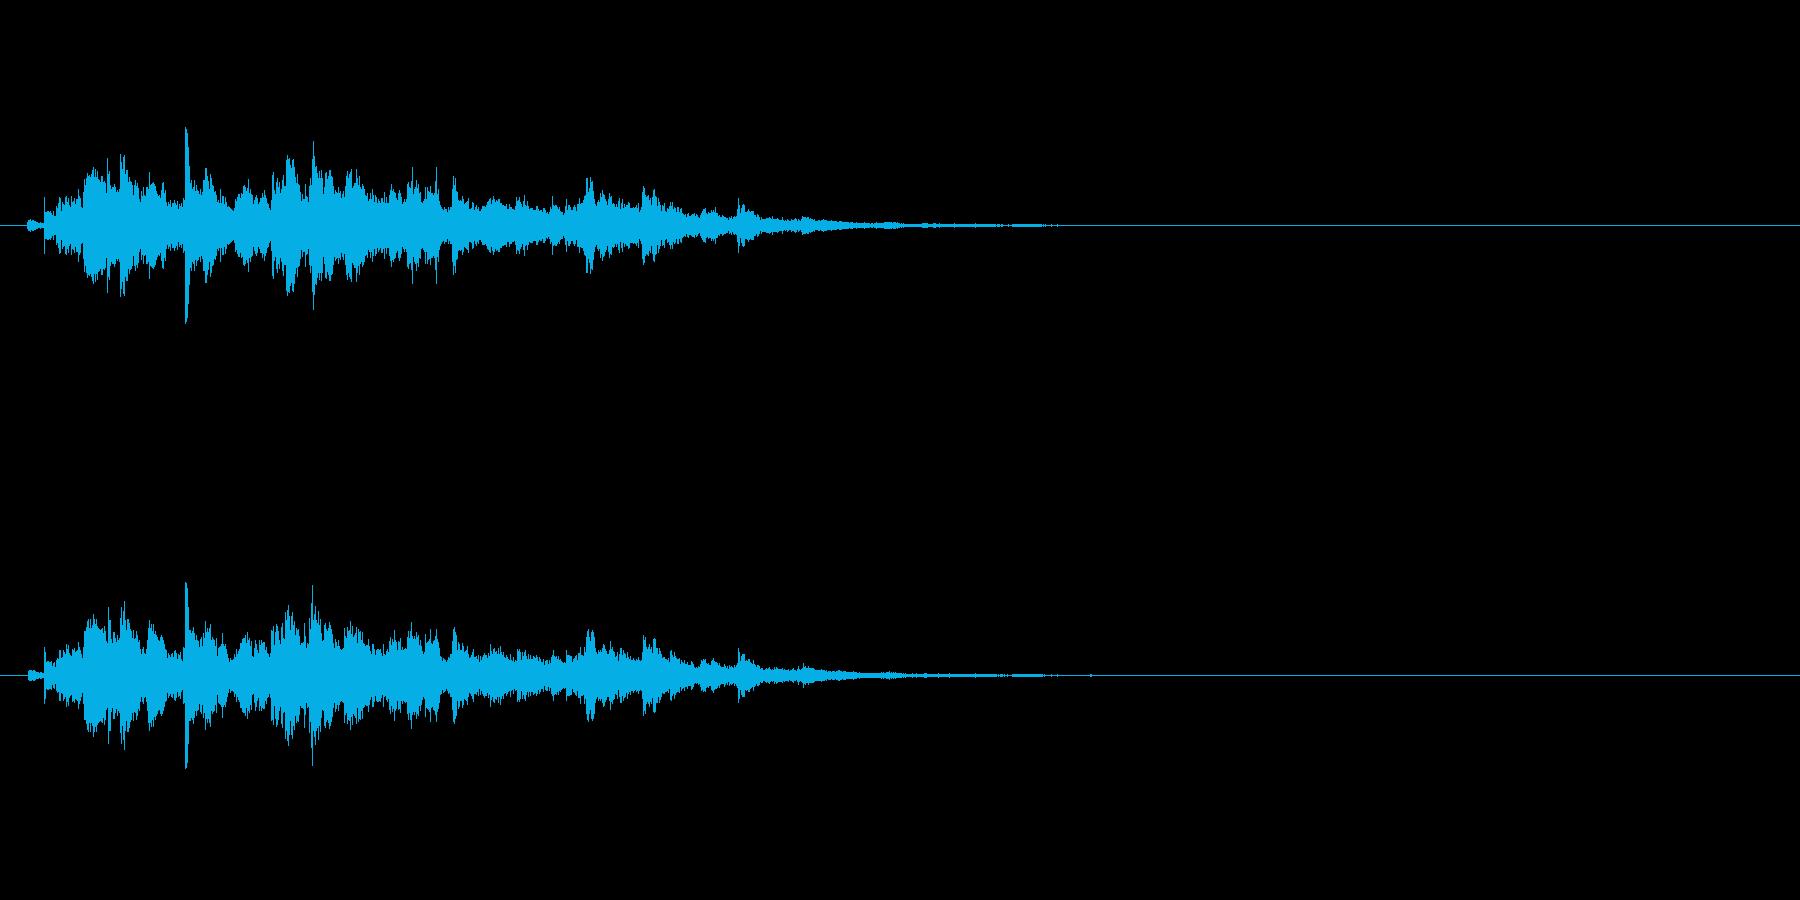 キラキラキラキラ〜/ウィンドチャイムの音の再生済みの波形